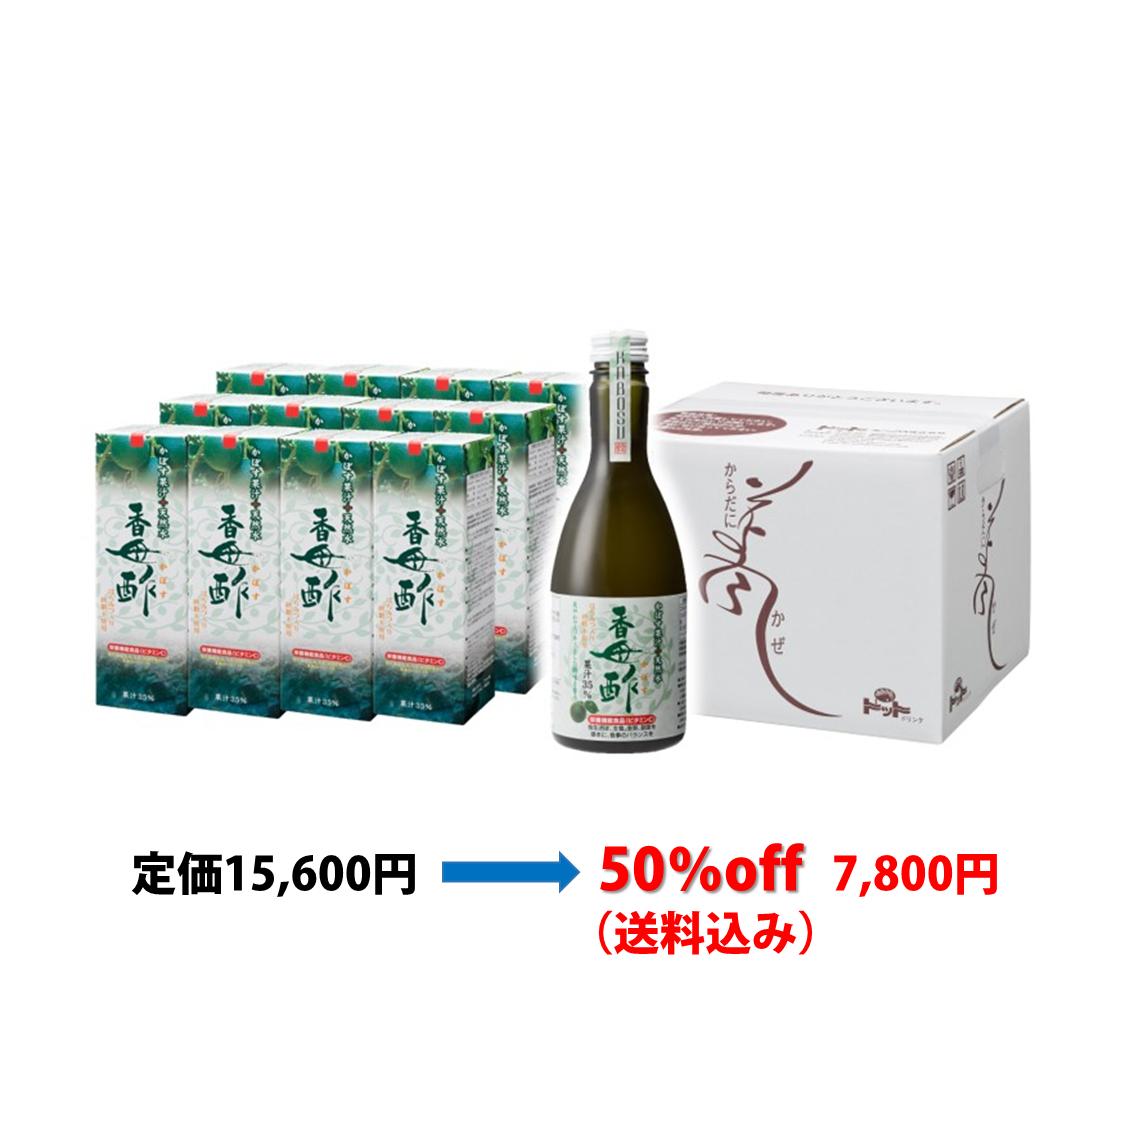 特別価格! 香母酢12本セット